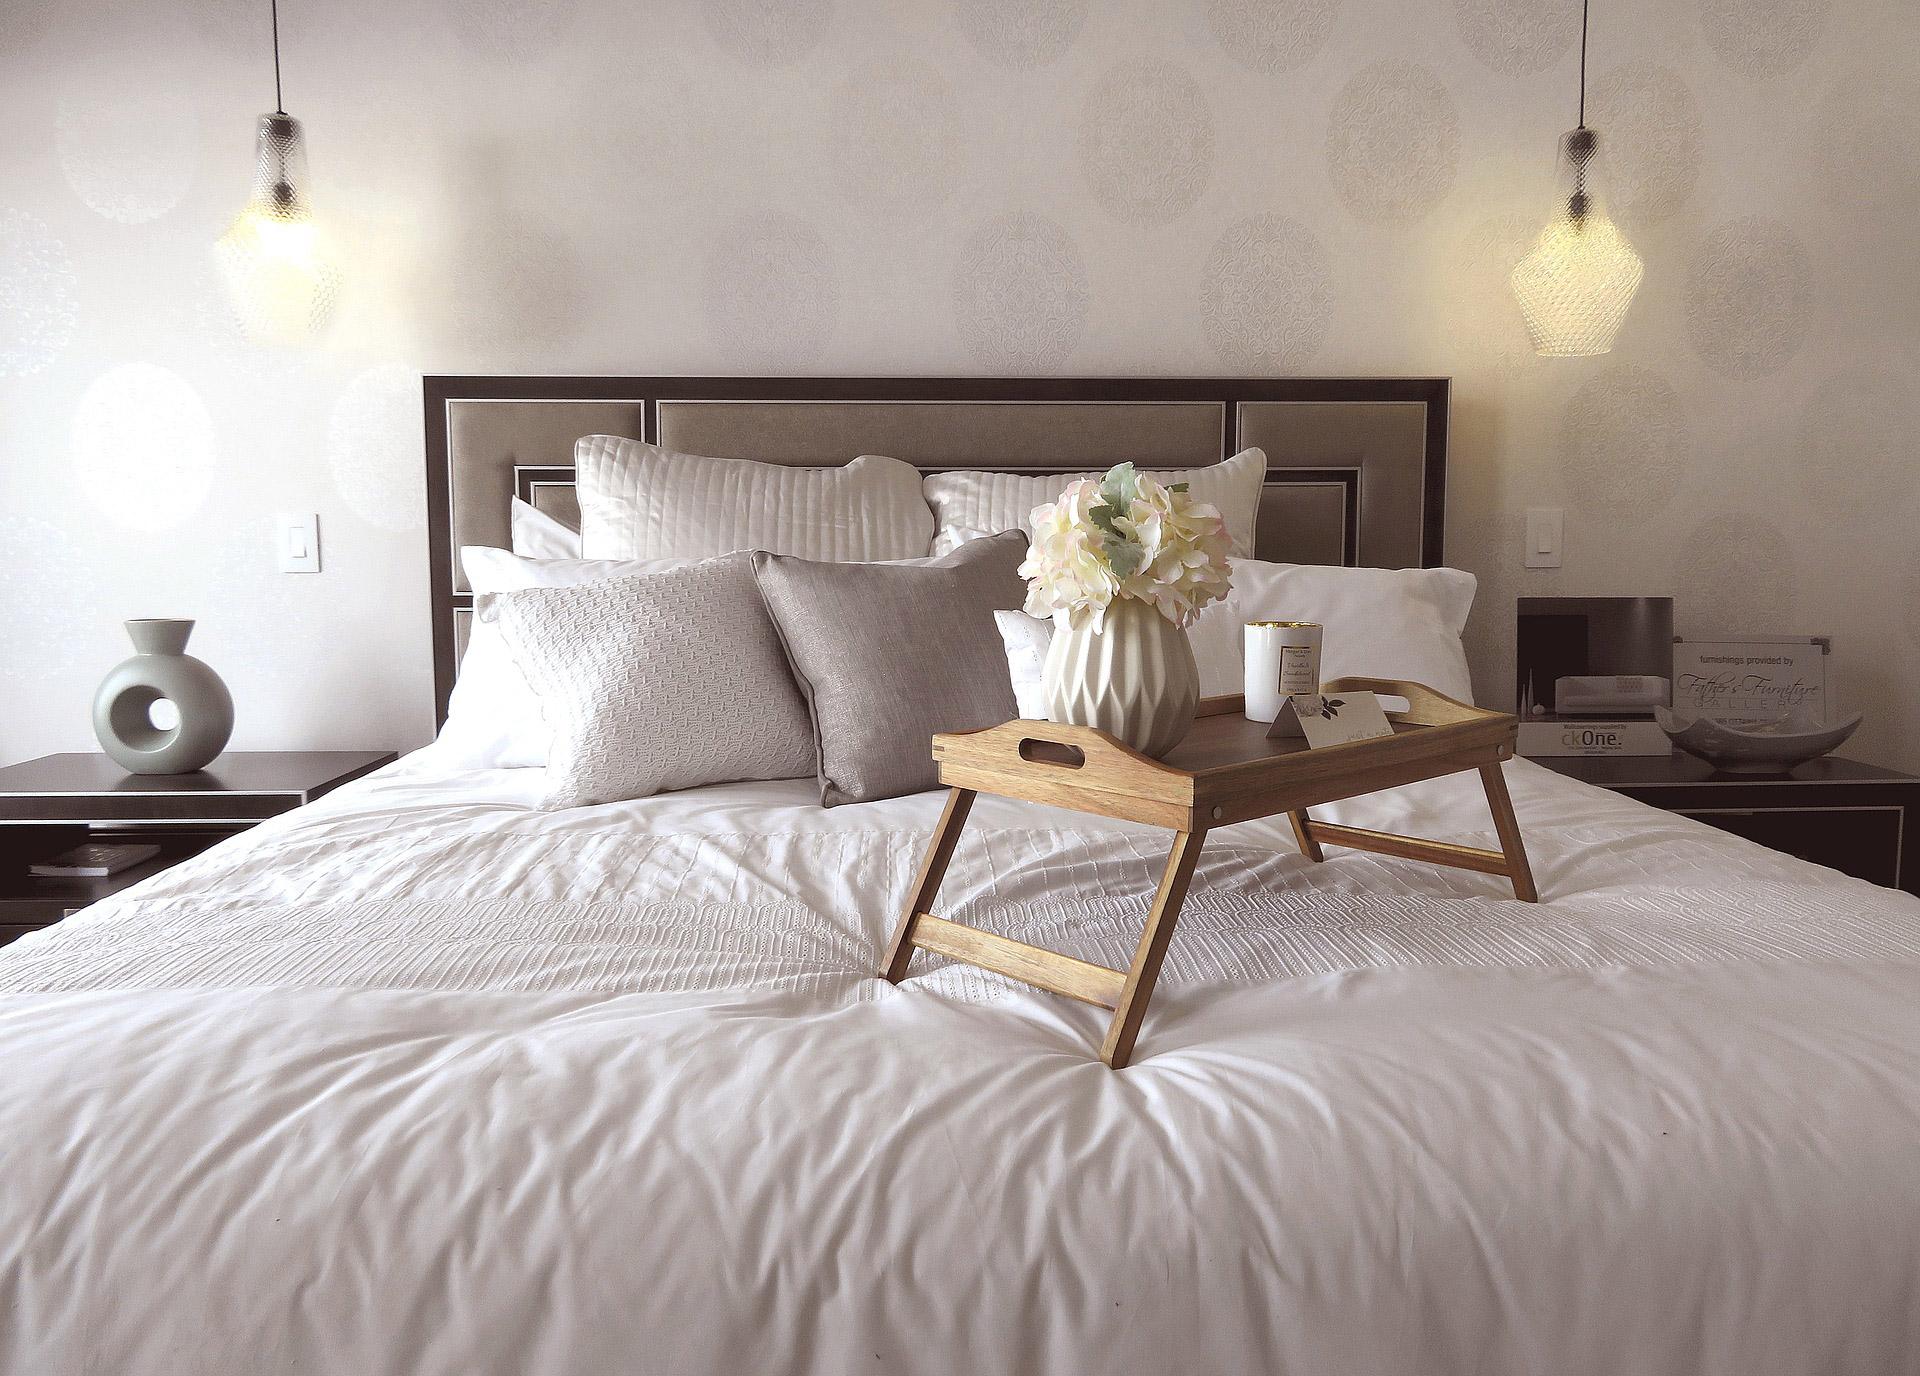 astuces à savoir pour égayer la décoration d'une chambre à coucher